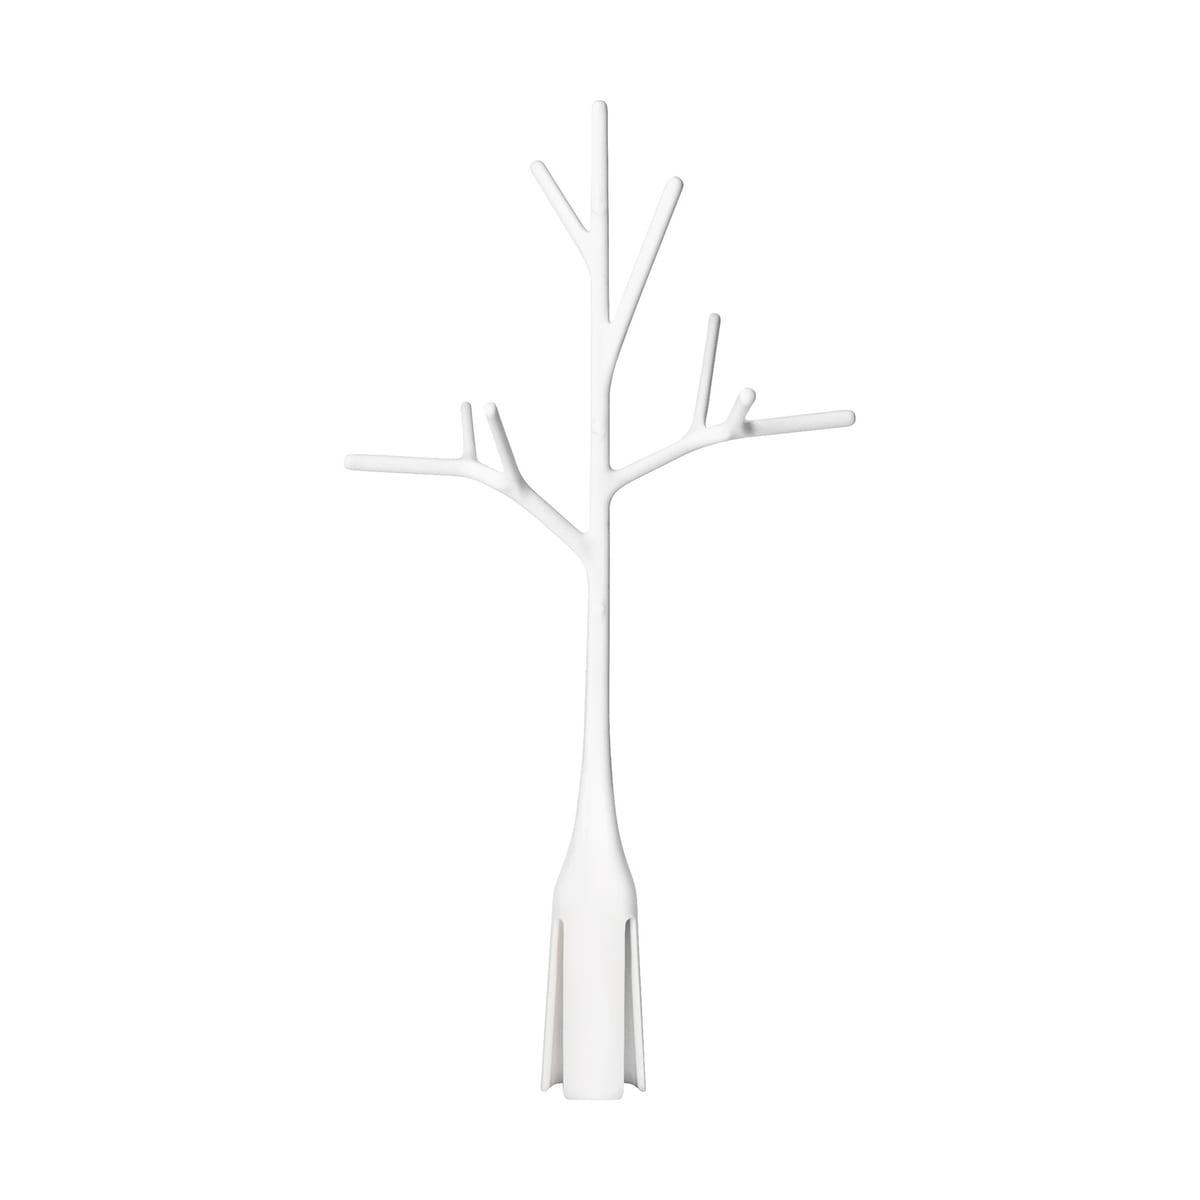 アクセサリー ツイッグ -TWIG- ホワイト 商品単体